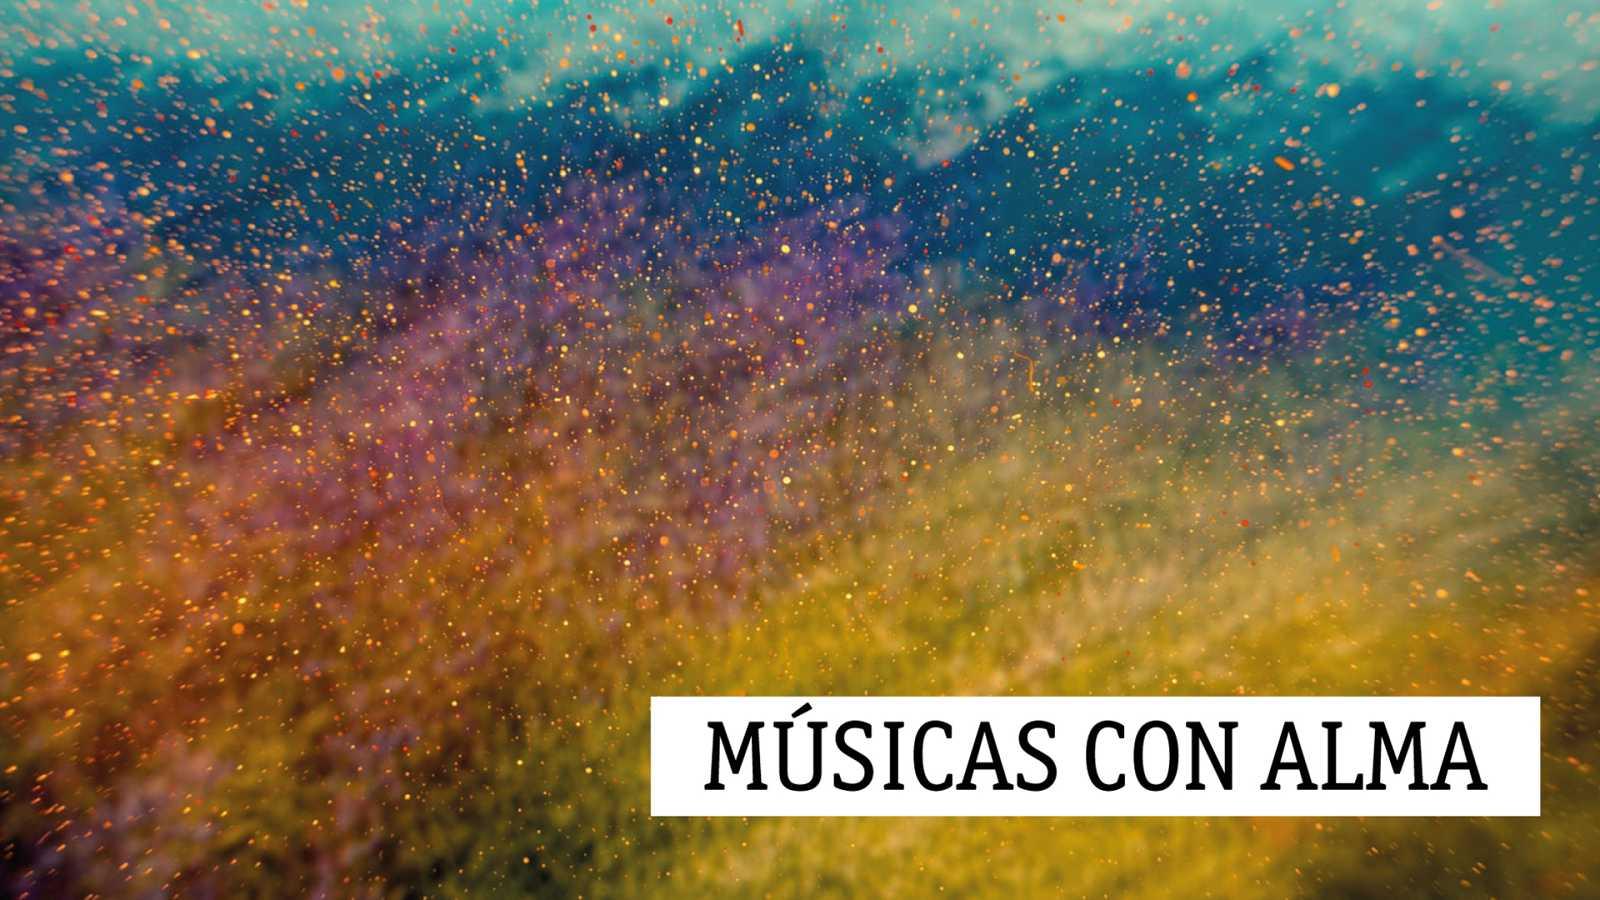 Músicas con alma - Travesía por el desierto - 17/02/21 - escuchar ahora